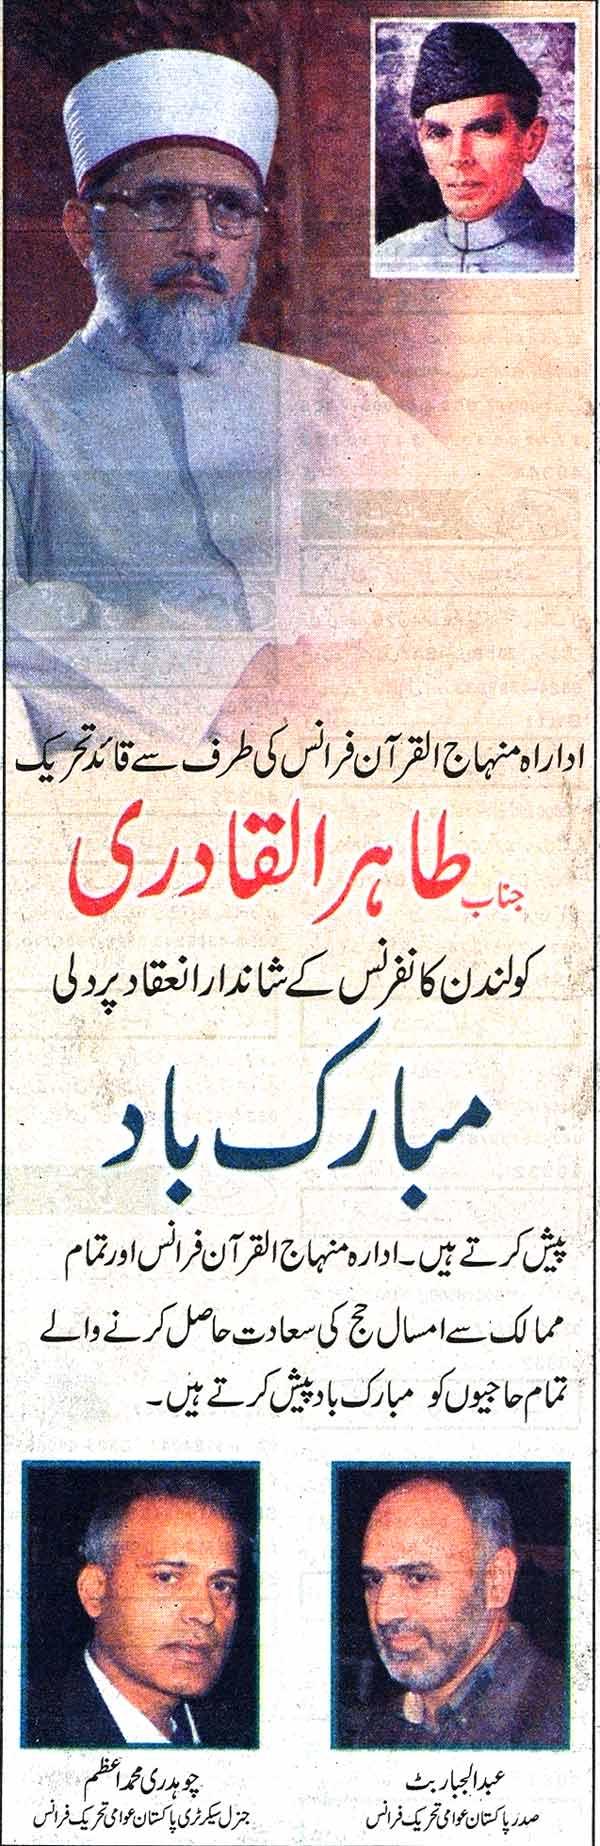 تحریک منہاج القرآن Minhaj-ul-Quran  Print Media Coverage پرنٹ میڈیا کوریج Daily Khabrain Page 2